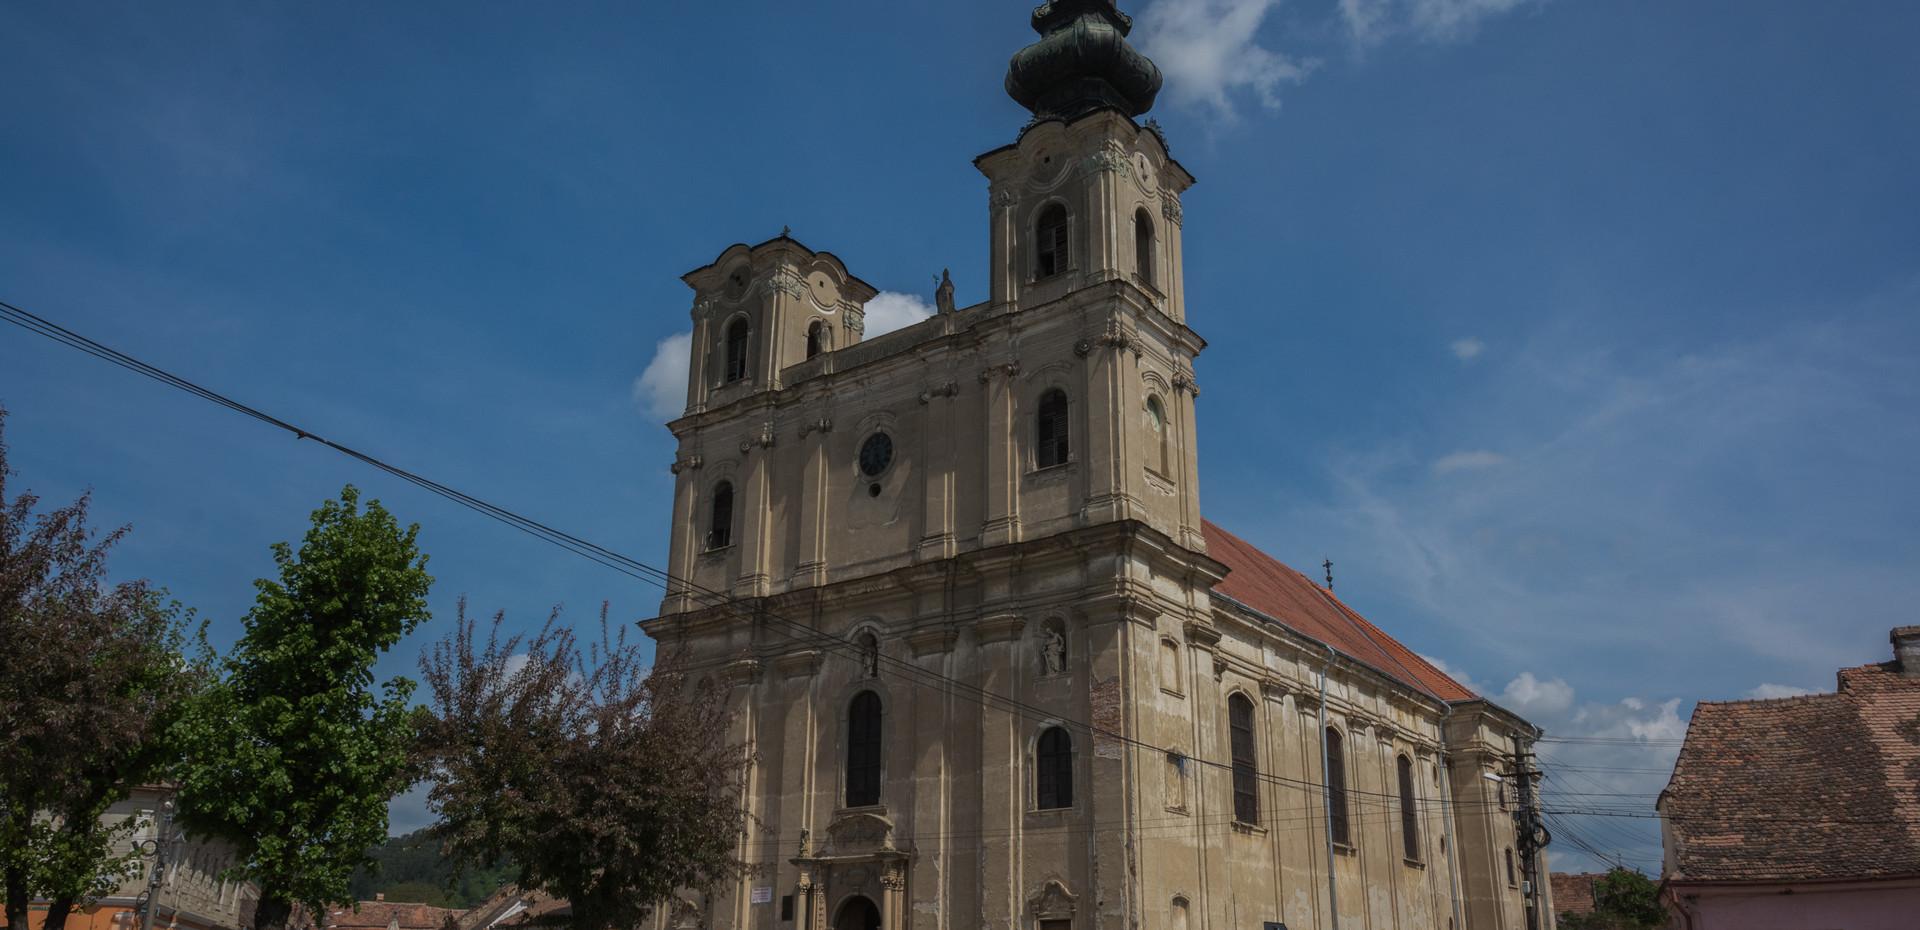 Erzsébetváros / Dumbrăveni Sibiu county / Szeben megye / județul Sibiu Romania / Románia / România / 2018